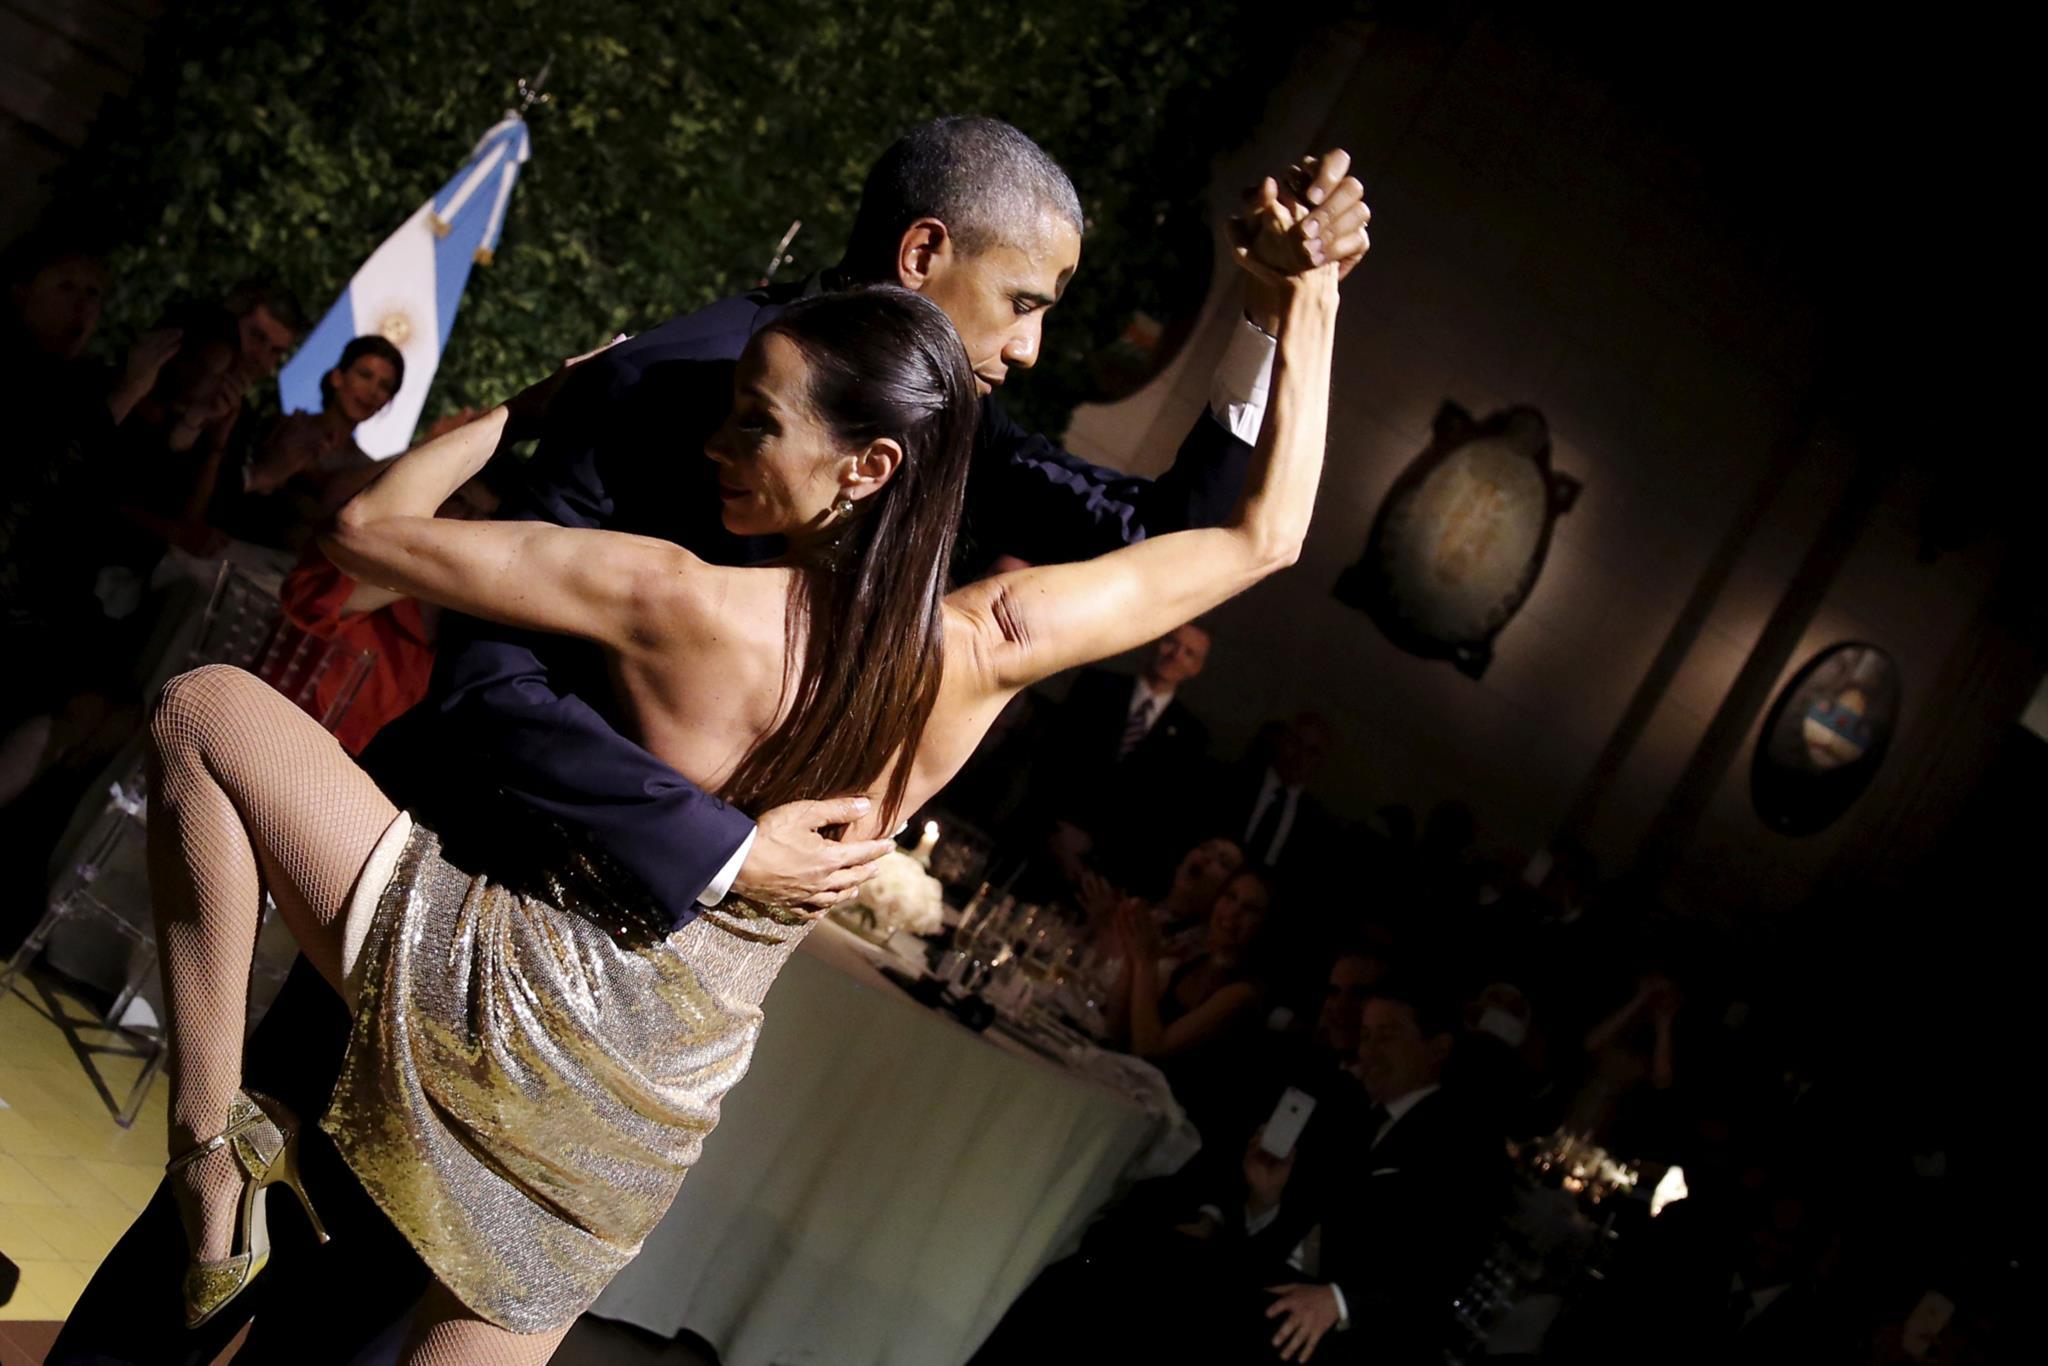 Durante a sua visita à Argentina, Obama dançou um tango num jantar organizado pelo Presidente argentino Mauricio Macri, 2016